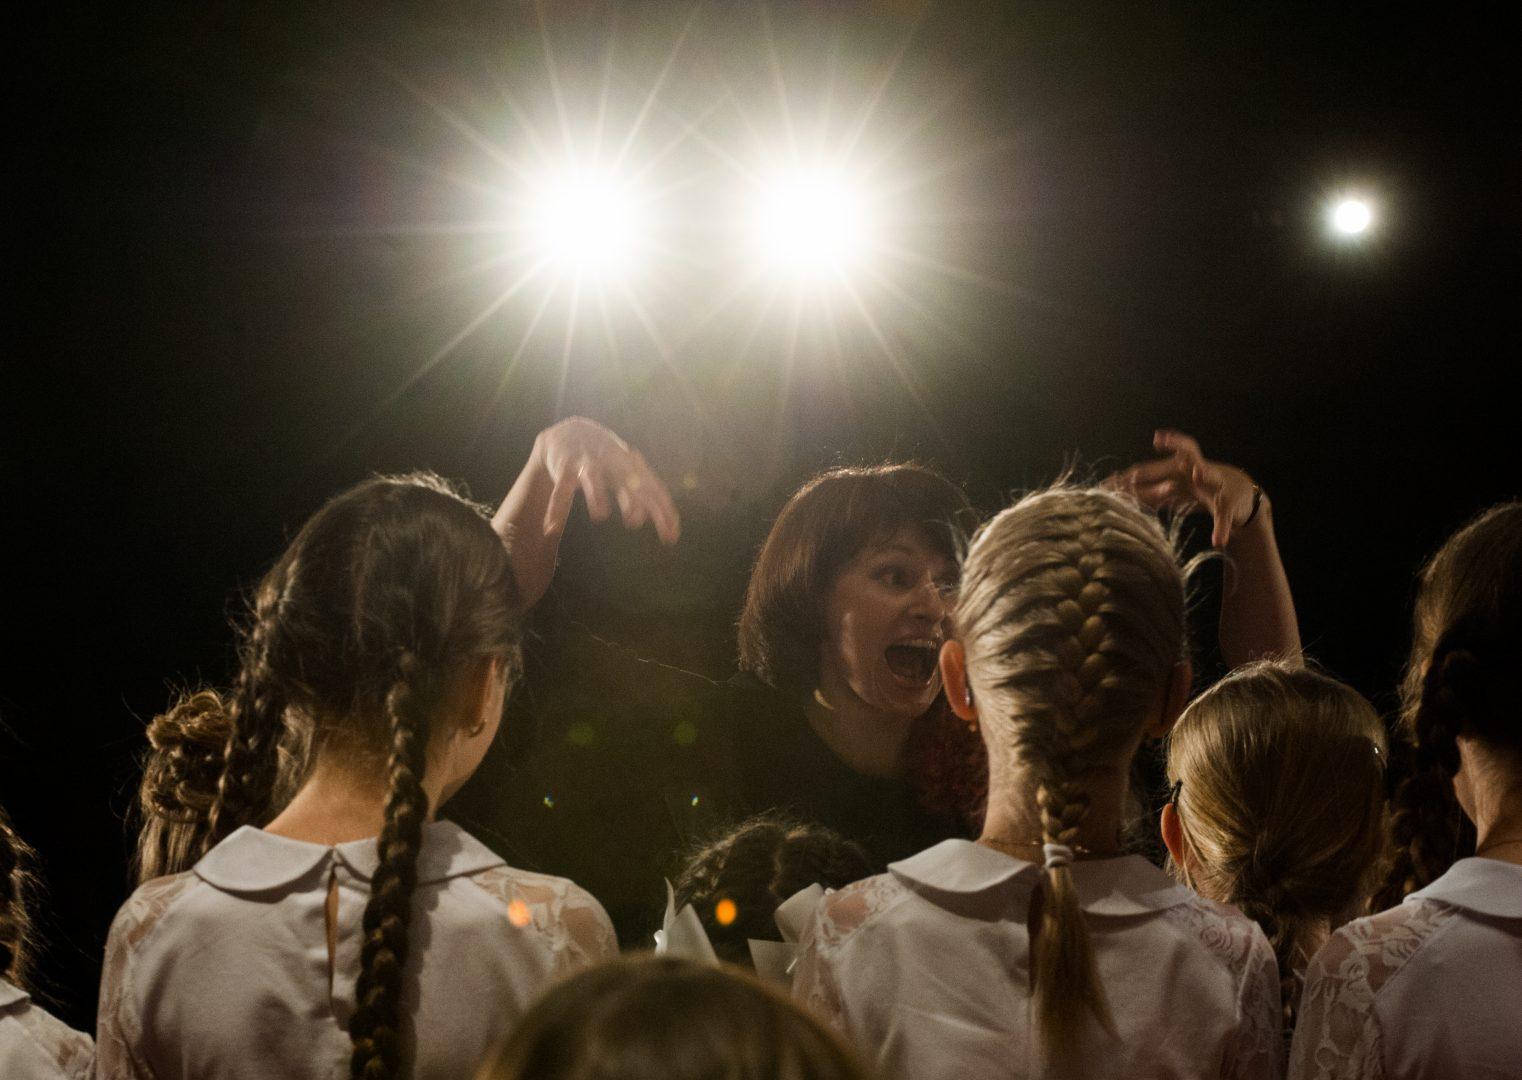 Эксперты подведут итоги конкурса в Вороновской детской школе искусств. Фото: Александр Кожохин «Вечерняя Москва»